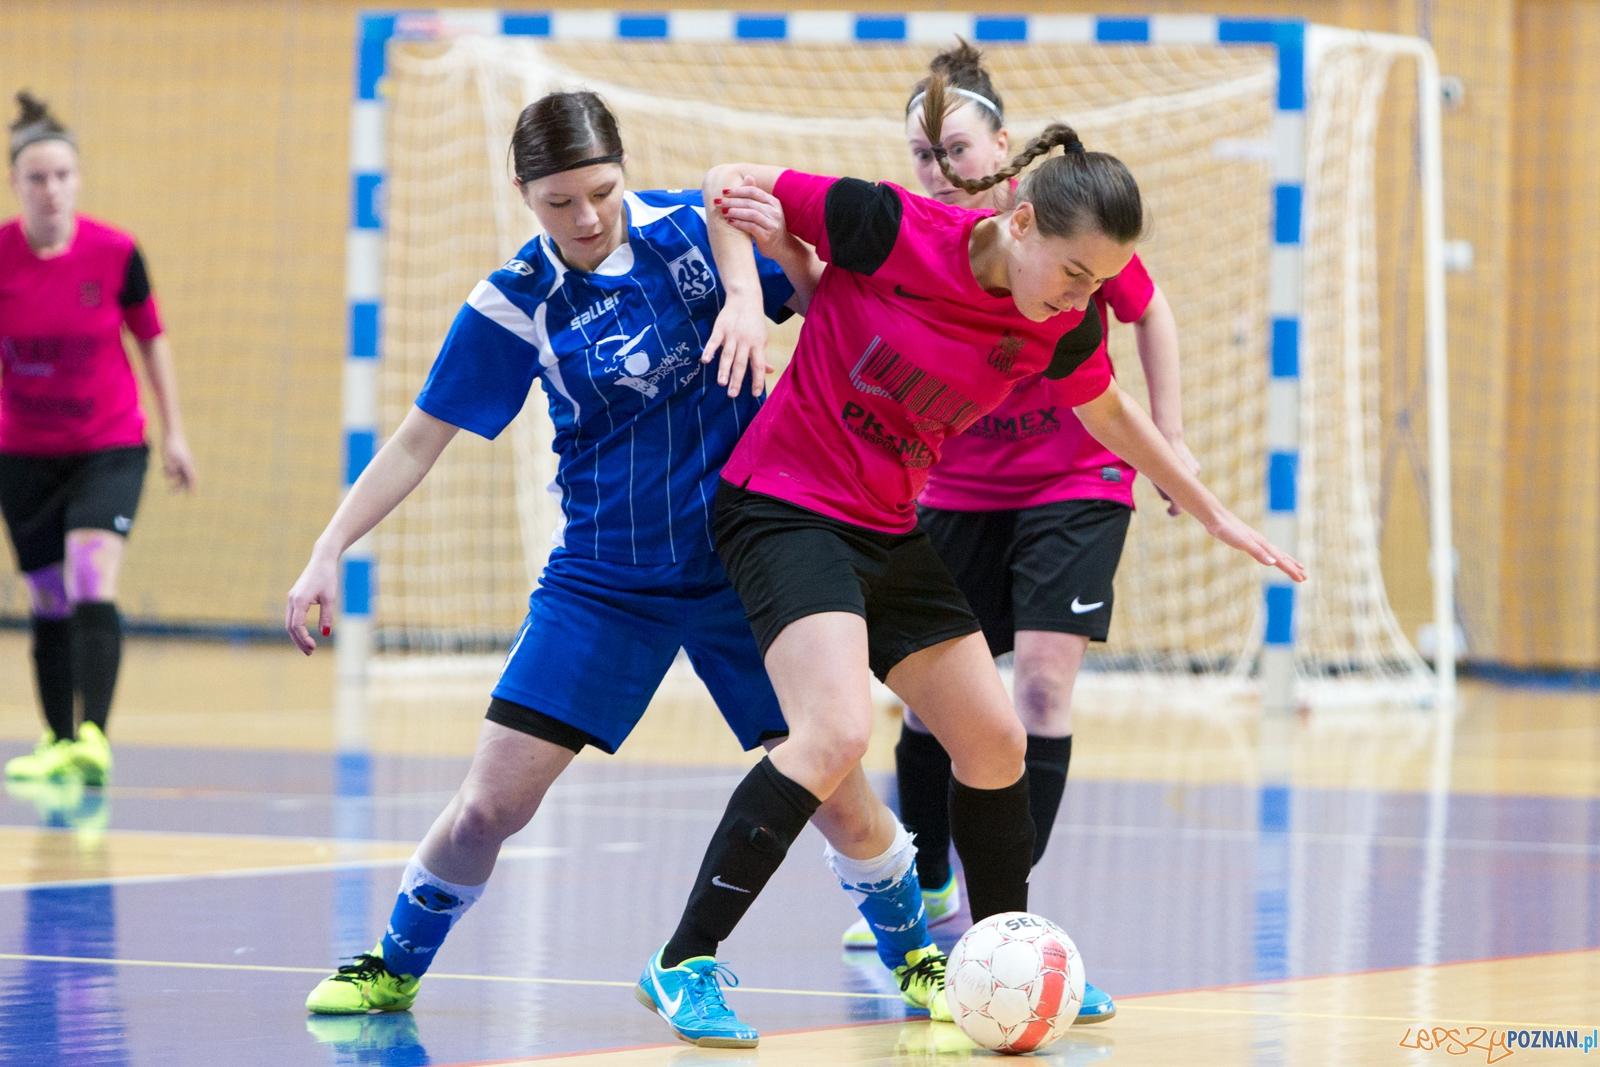 Futsal: AZS UAM Poznań – AZS Uniwersytet Warszawski  Foto: lepszyPOZNAN.pl / Piotr Rychter